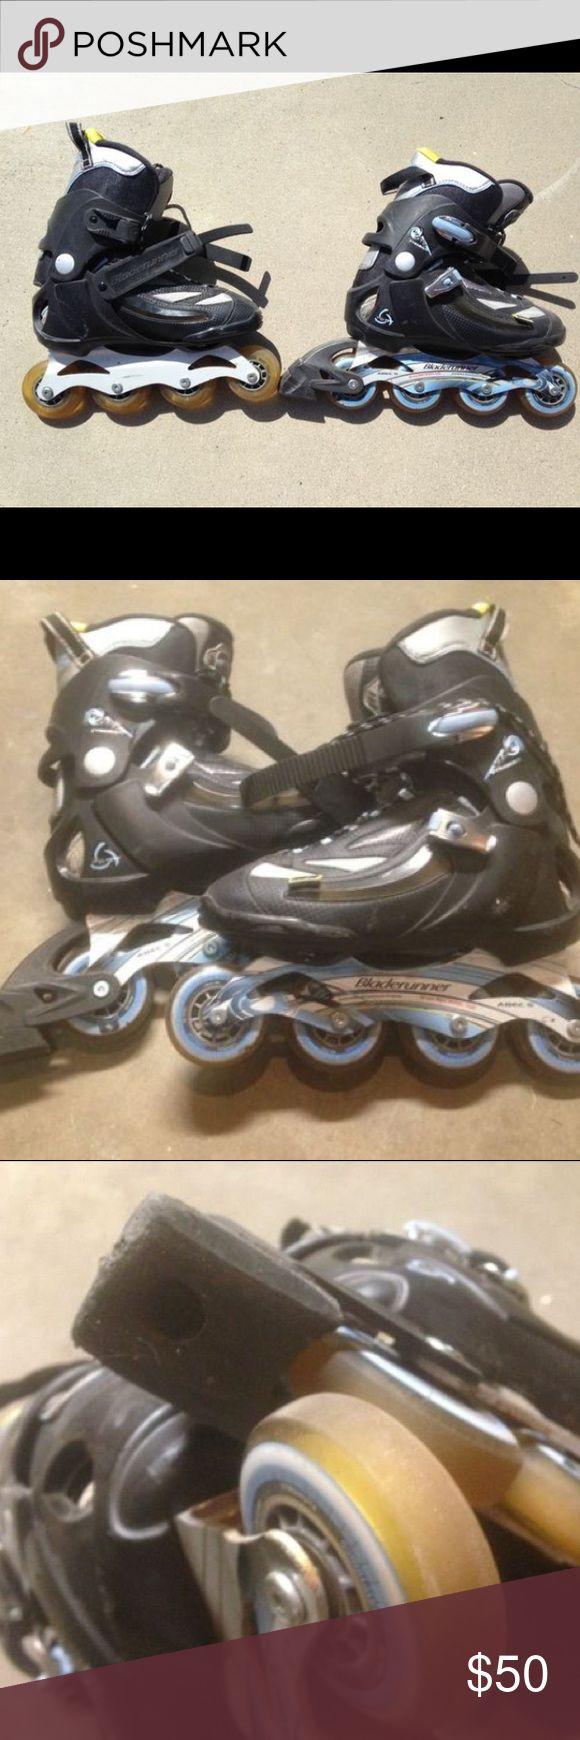 Zumiez roller skates - Bladerunner Verve Inline Skates Rollerblades Size 8 Women S 6 5 Men S Dynamic Fit Rollerblades By